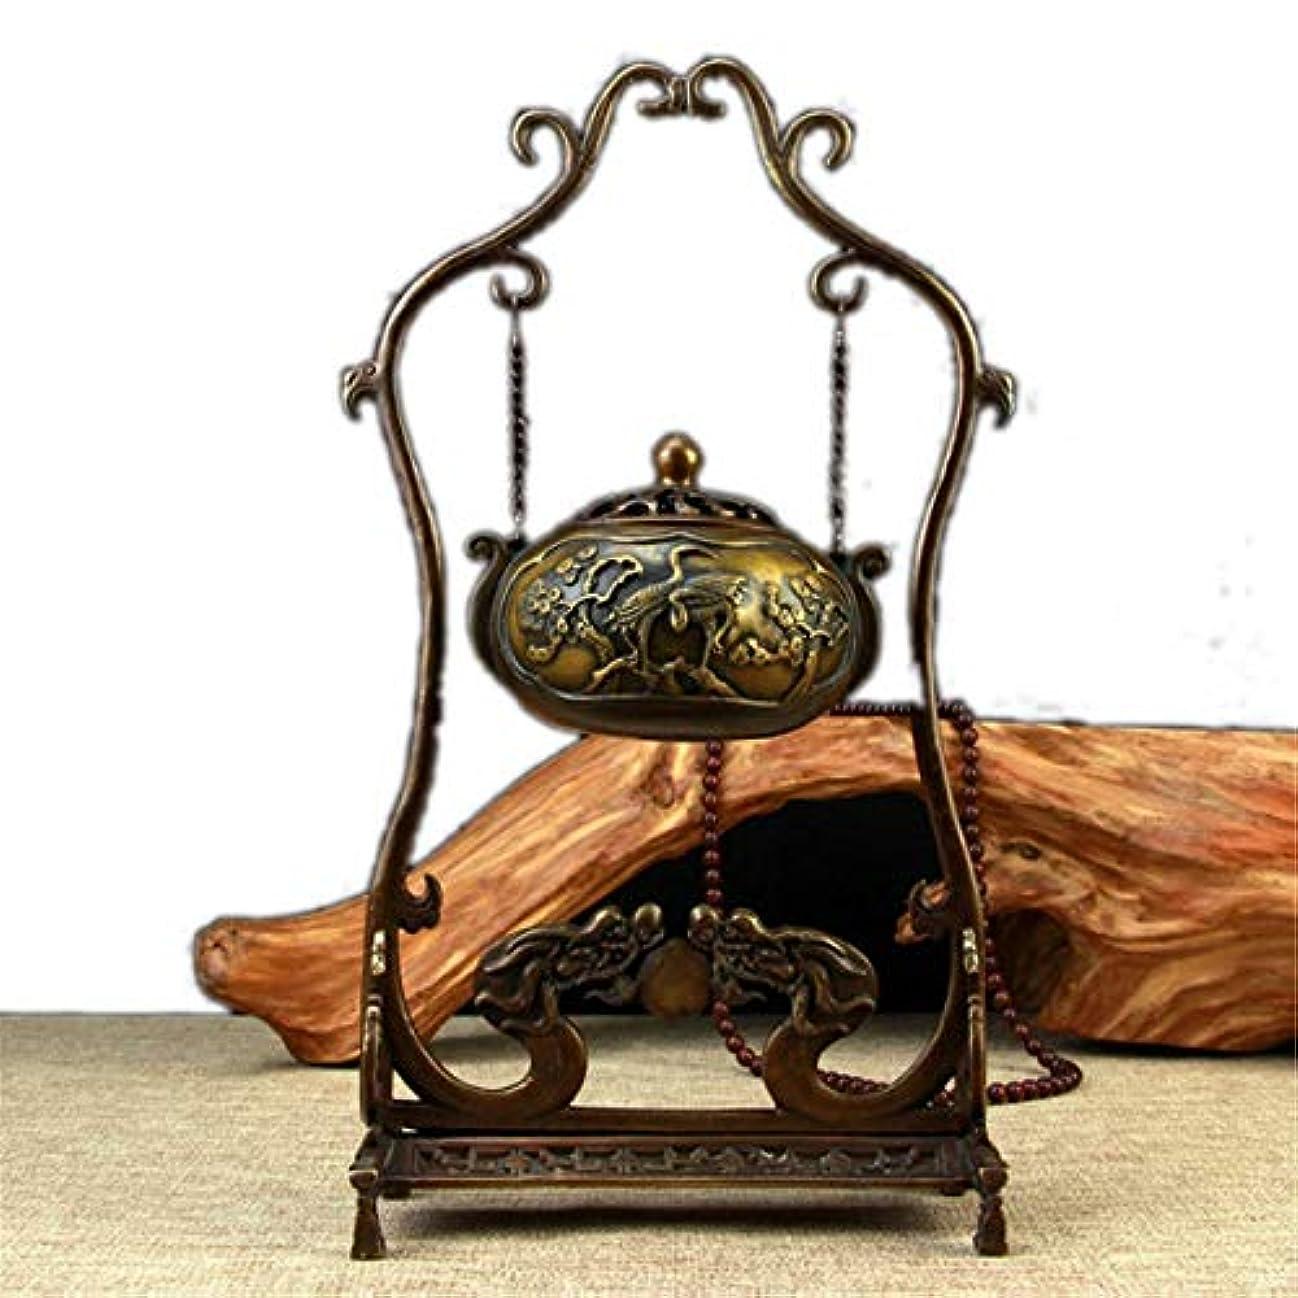 歯痛東方あいまいな香炉の煙の逆流亜鉛合金香炉の円錐形のホールダー、家の芳香の付属品は家、オフィス、喫茶店、瞑想、ヨガ等のために適した